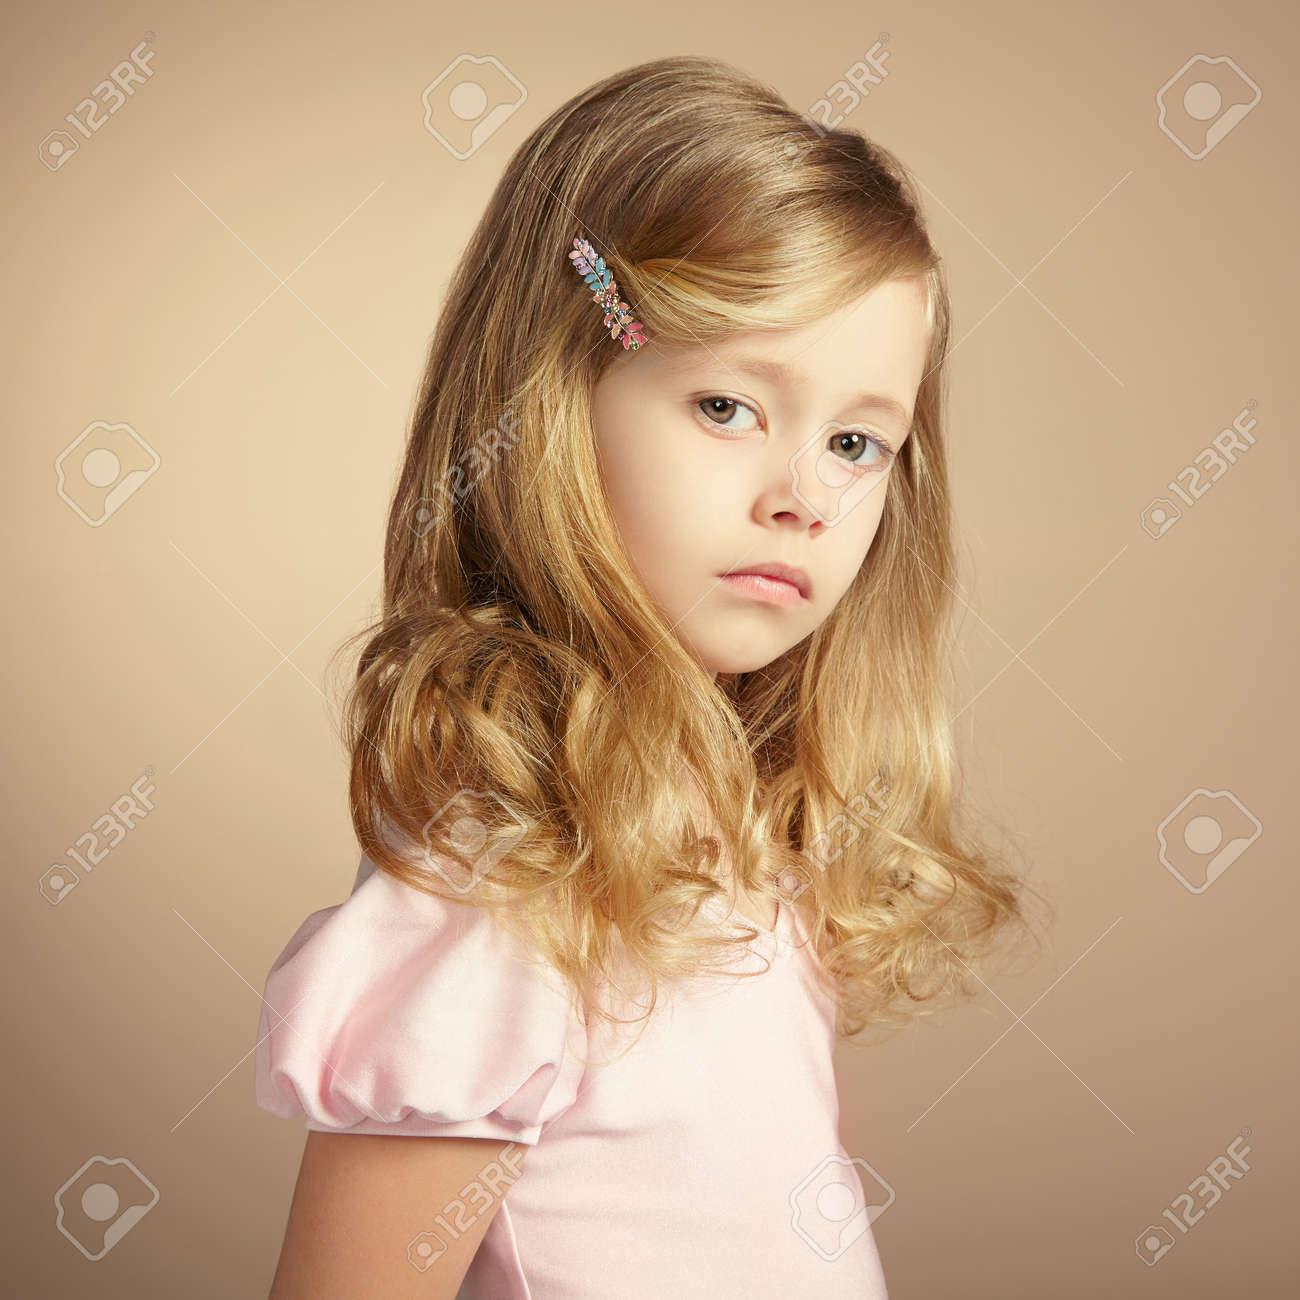 e8f6f342b33 Portrait of pretty little girl. Fashion photo Stock Photo - 20785885